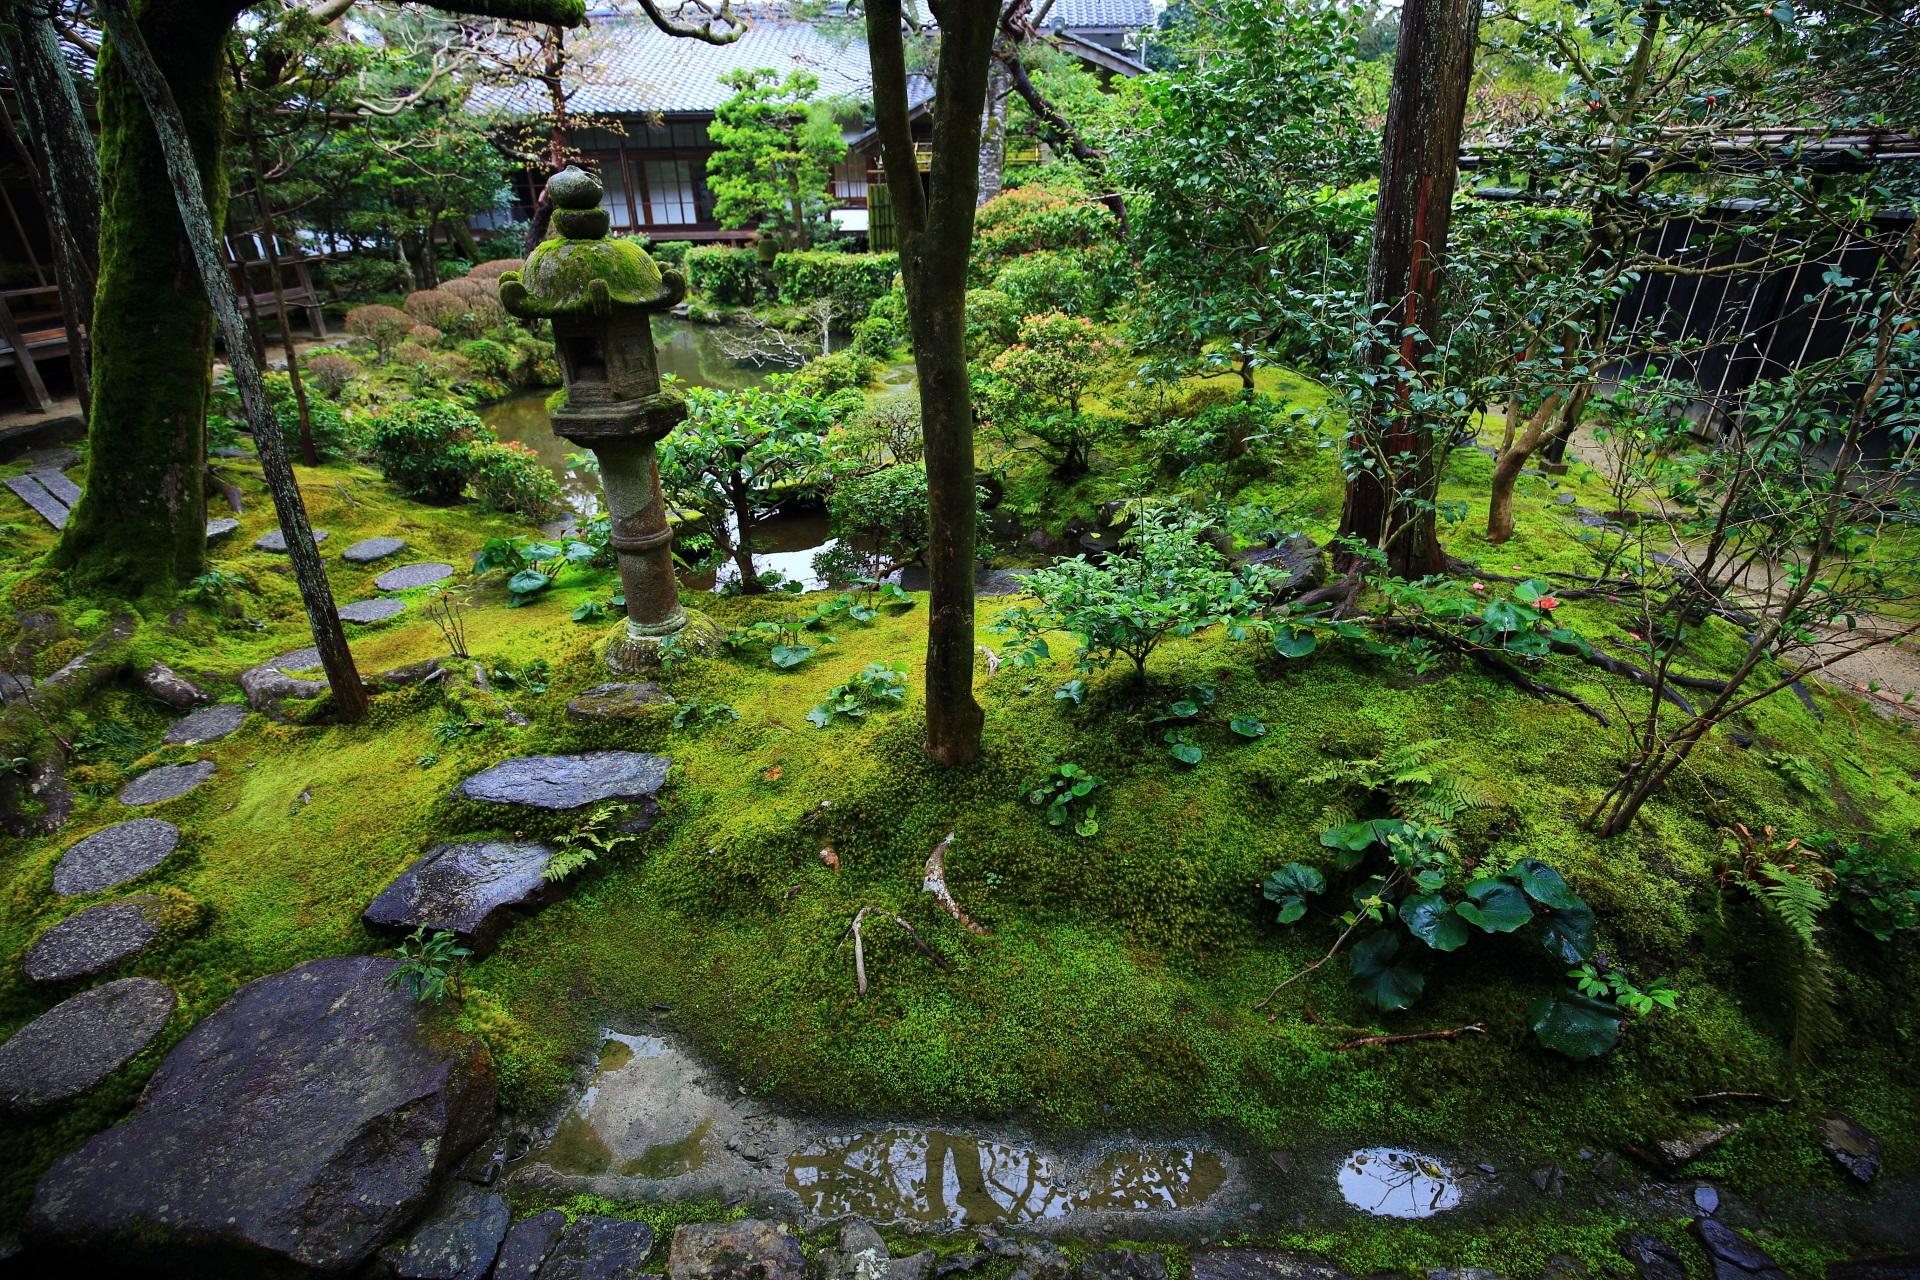 緑が素晴らしい情緒溢れる庭園